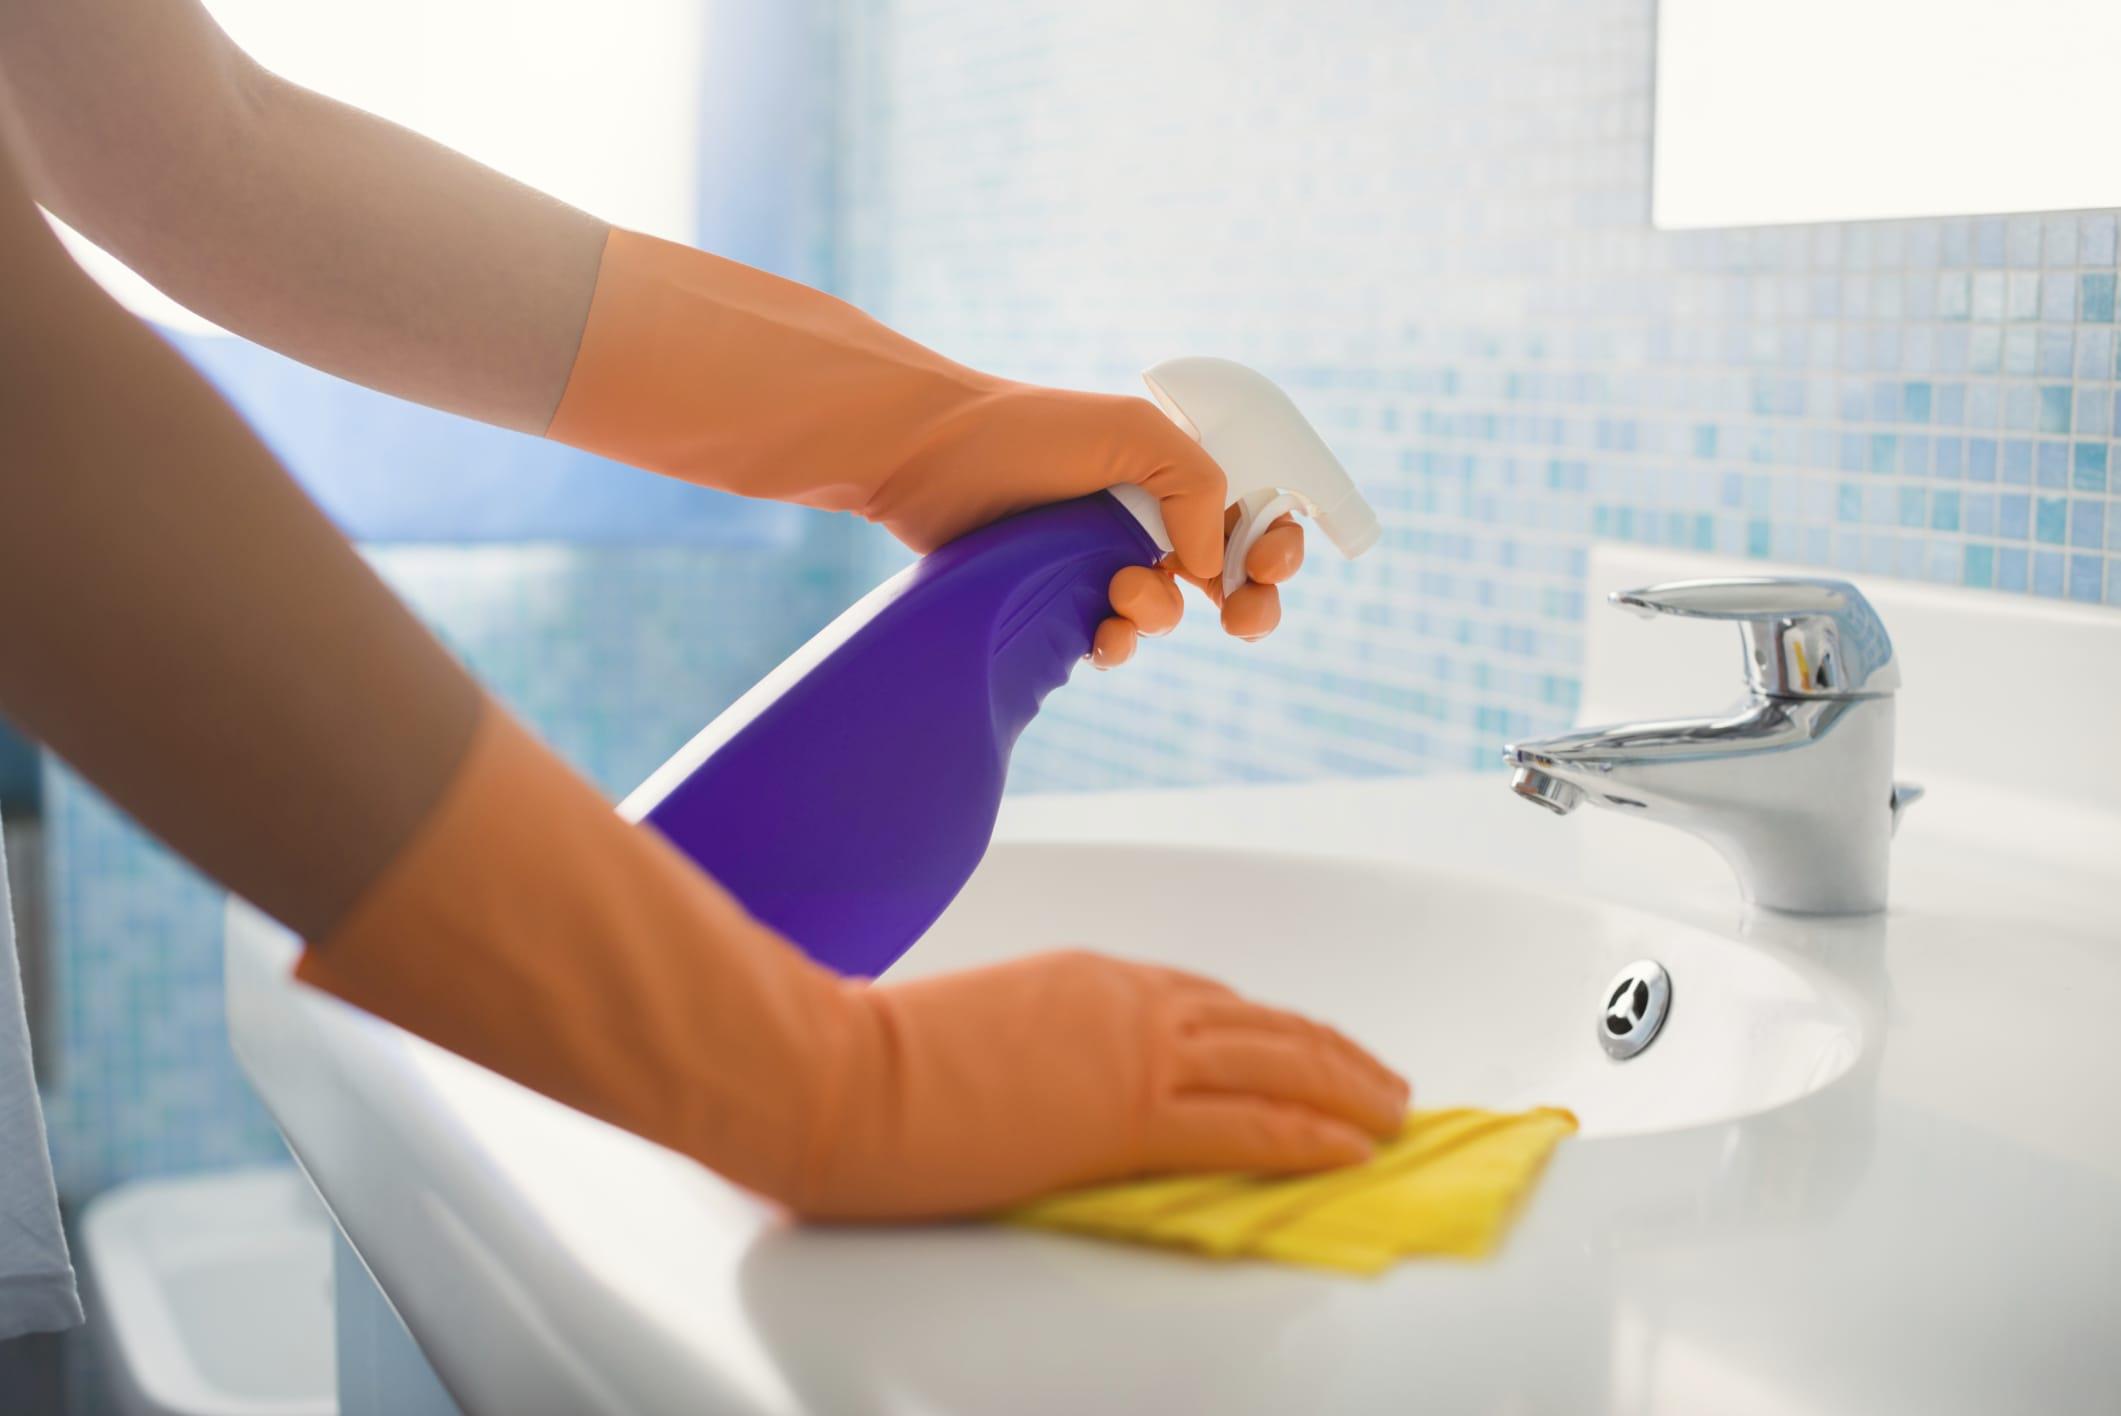 Detersivo fatto in casa per pulire il bagno - Non sprecare